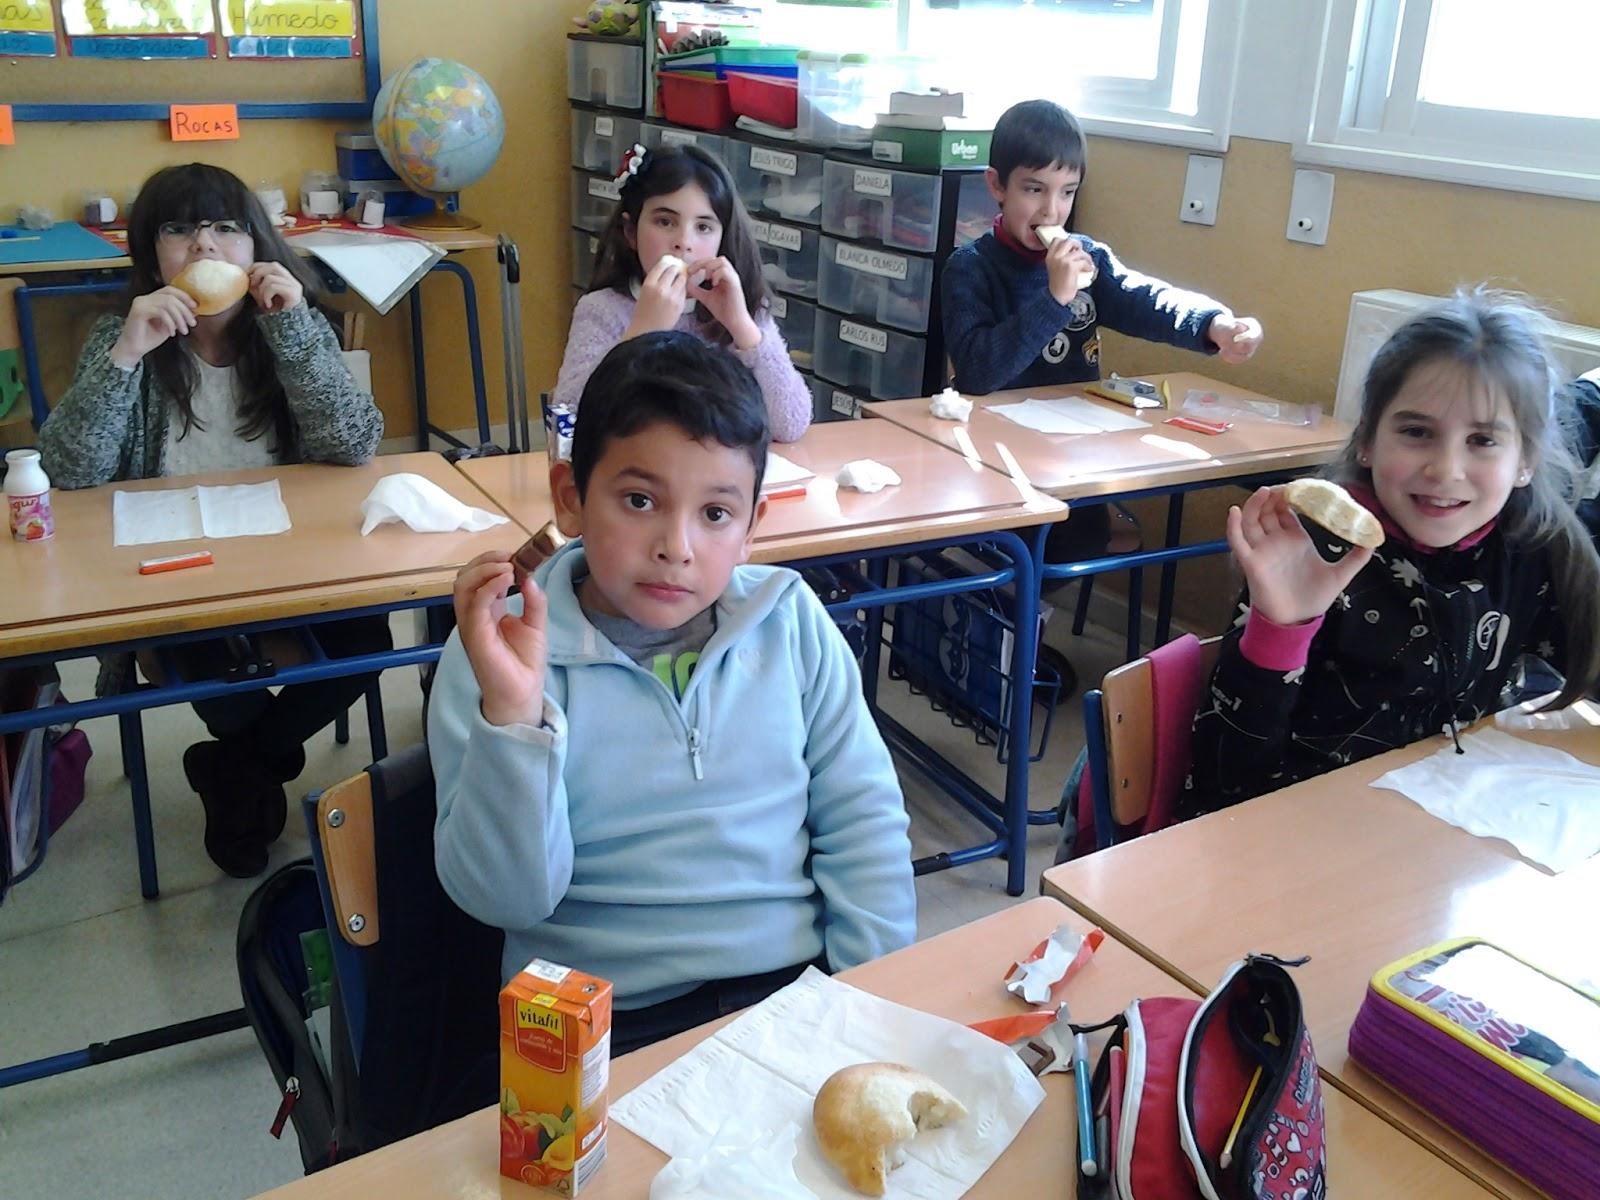 Amanda y luna ayudan a un compañero de clase 5